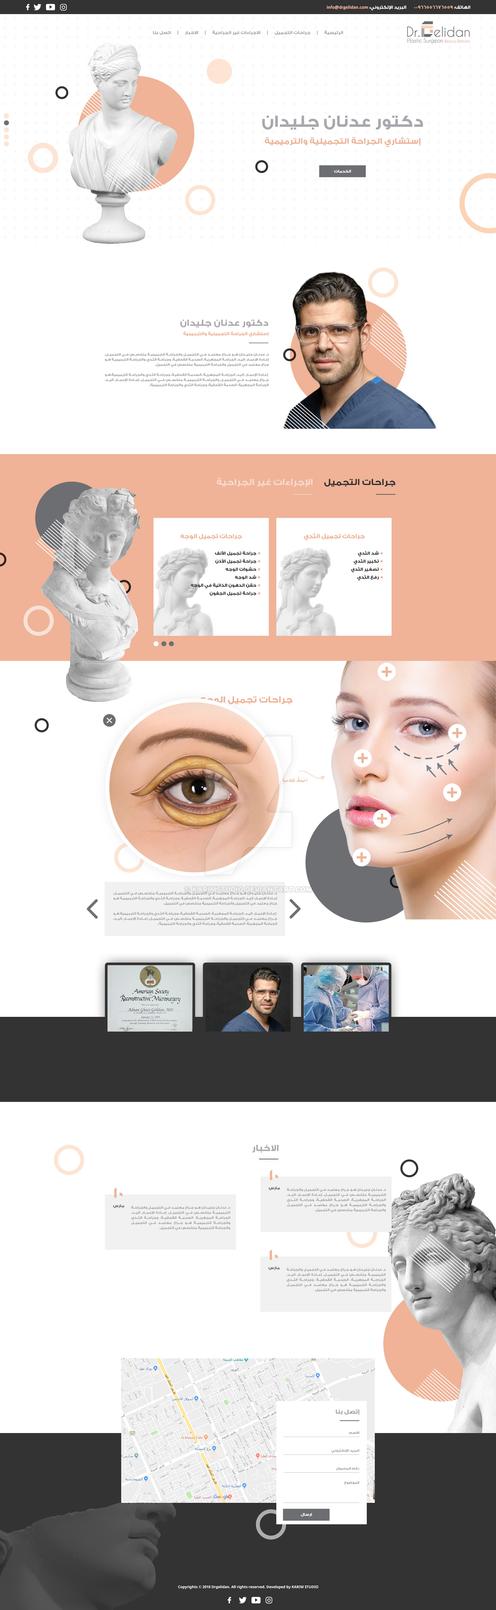 Drgelidan | UI/UX Design by KarimStudio